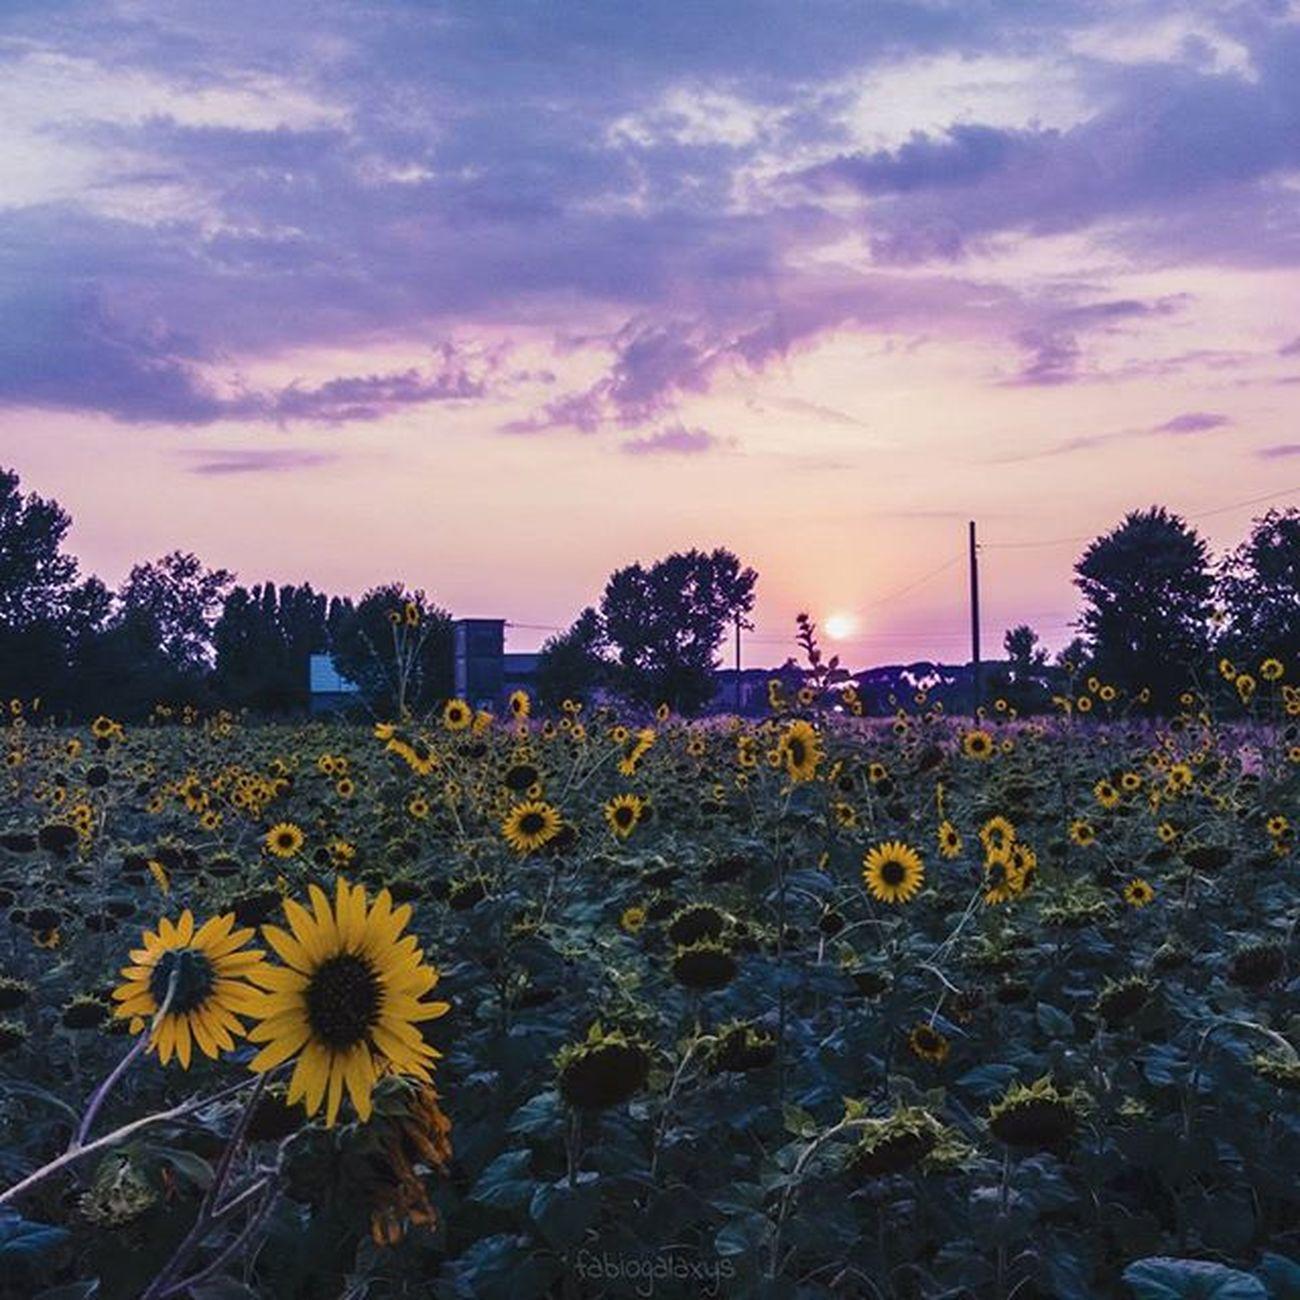 È sera, ed è tempo che i fiori chiudano le loro corolle. Lascia che mi sieda al tuo fianco e comanda alle mie labbra di fare ciò che si può fare in silenzio nella debole luce delle stelle.. 🌻 _________________________________ Tramonti__italiani Ig_energy_group Ig_energy Ig_eurasia euro_shotz mood_family ️ig_cosmopolitan vivo_italia ig_worldclub ig_serenity instaitalia igworldclub ig_europe ig_mood volgolazio awesomeshotz Super_Europe world_bestsunset IGSpecialist KINGS_LUXURY igpodium latinascalo sabaudia sermoneta